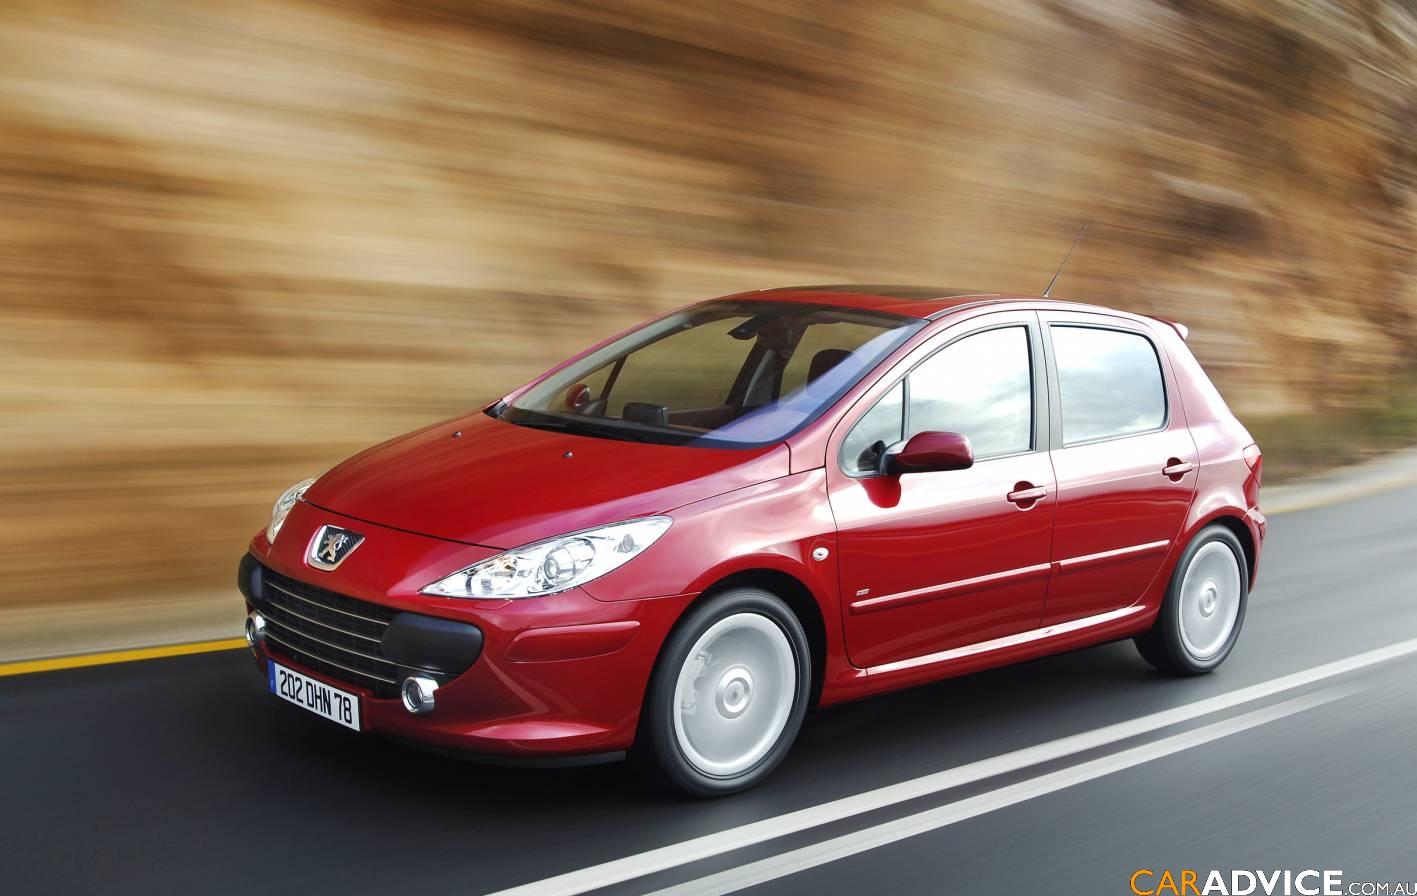 2007 Peugeot : 2007 peugeot 307 review caradvice ~ Gottalentnigeria.com Avis de Voitures